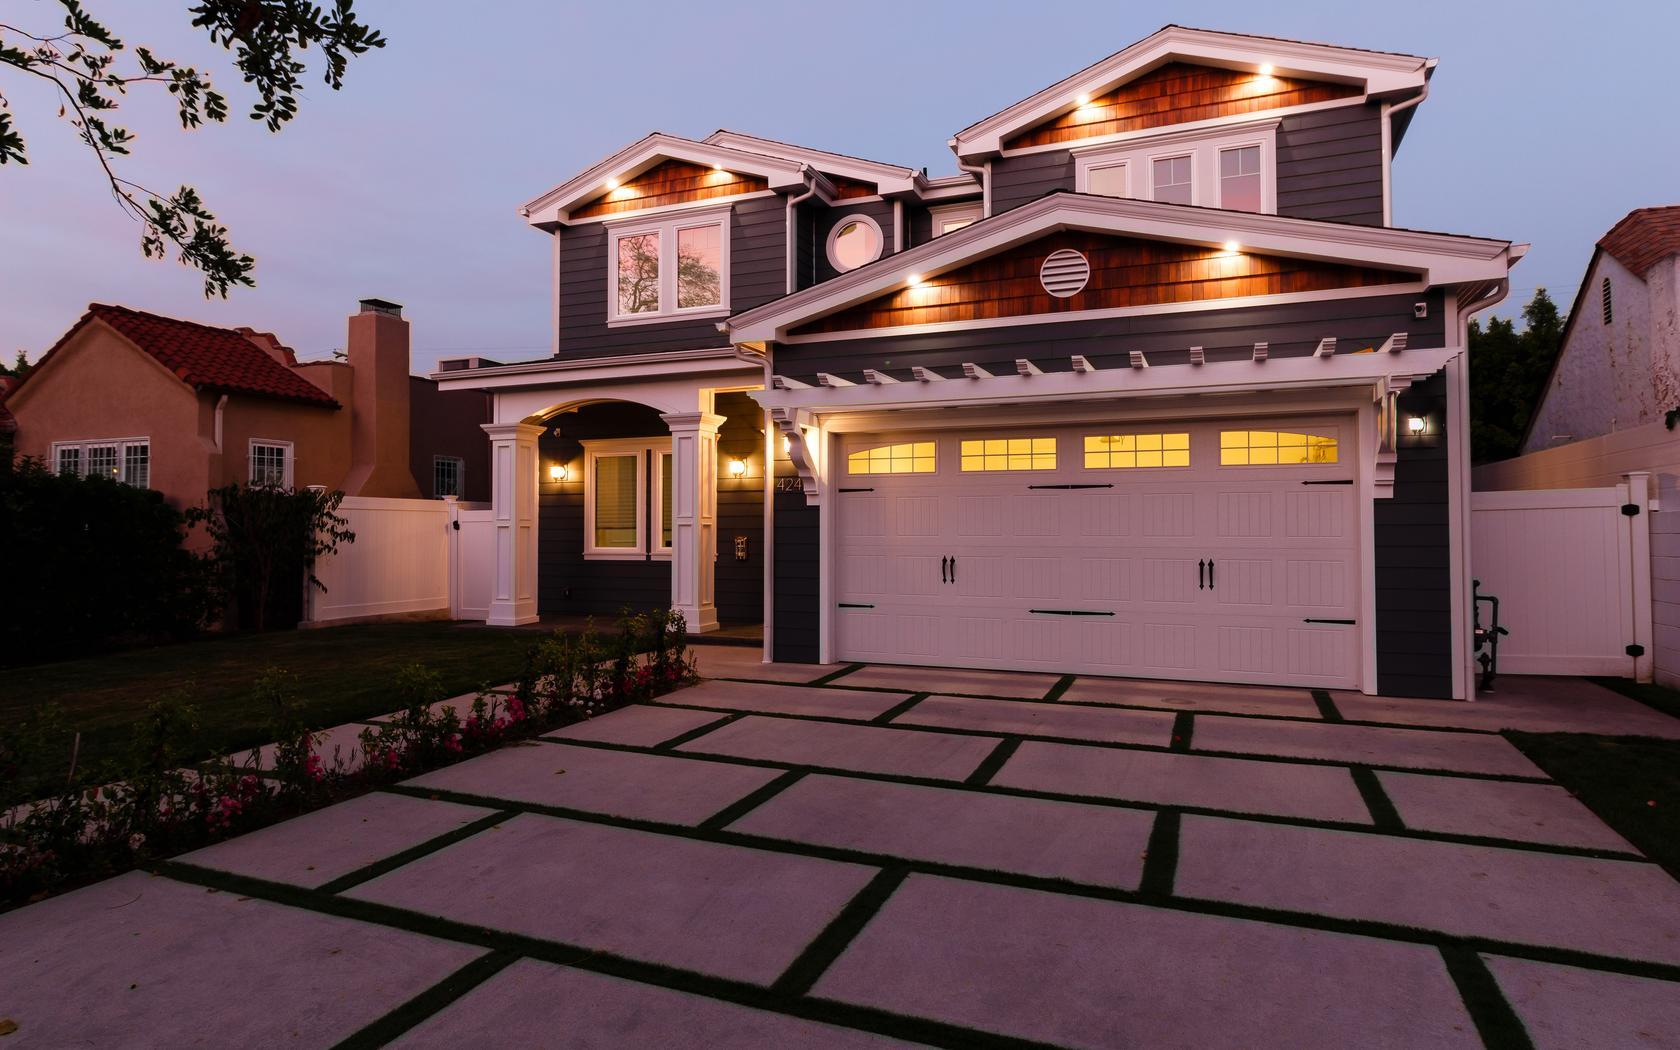 424 N. Kings Rd.,Los Angeles,California,United States 90048,House,424 N. Kings Rd. ,1016